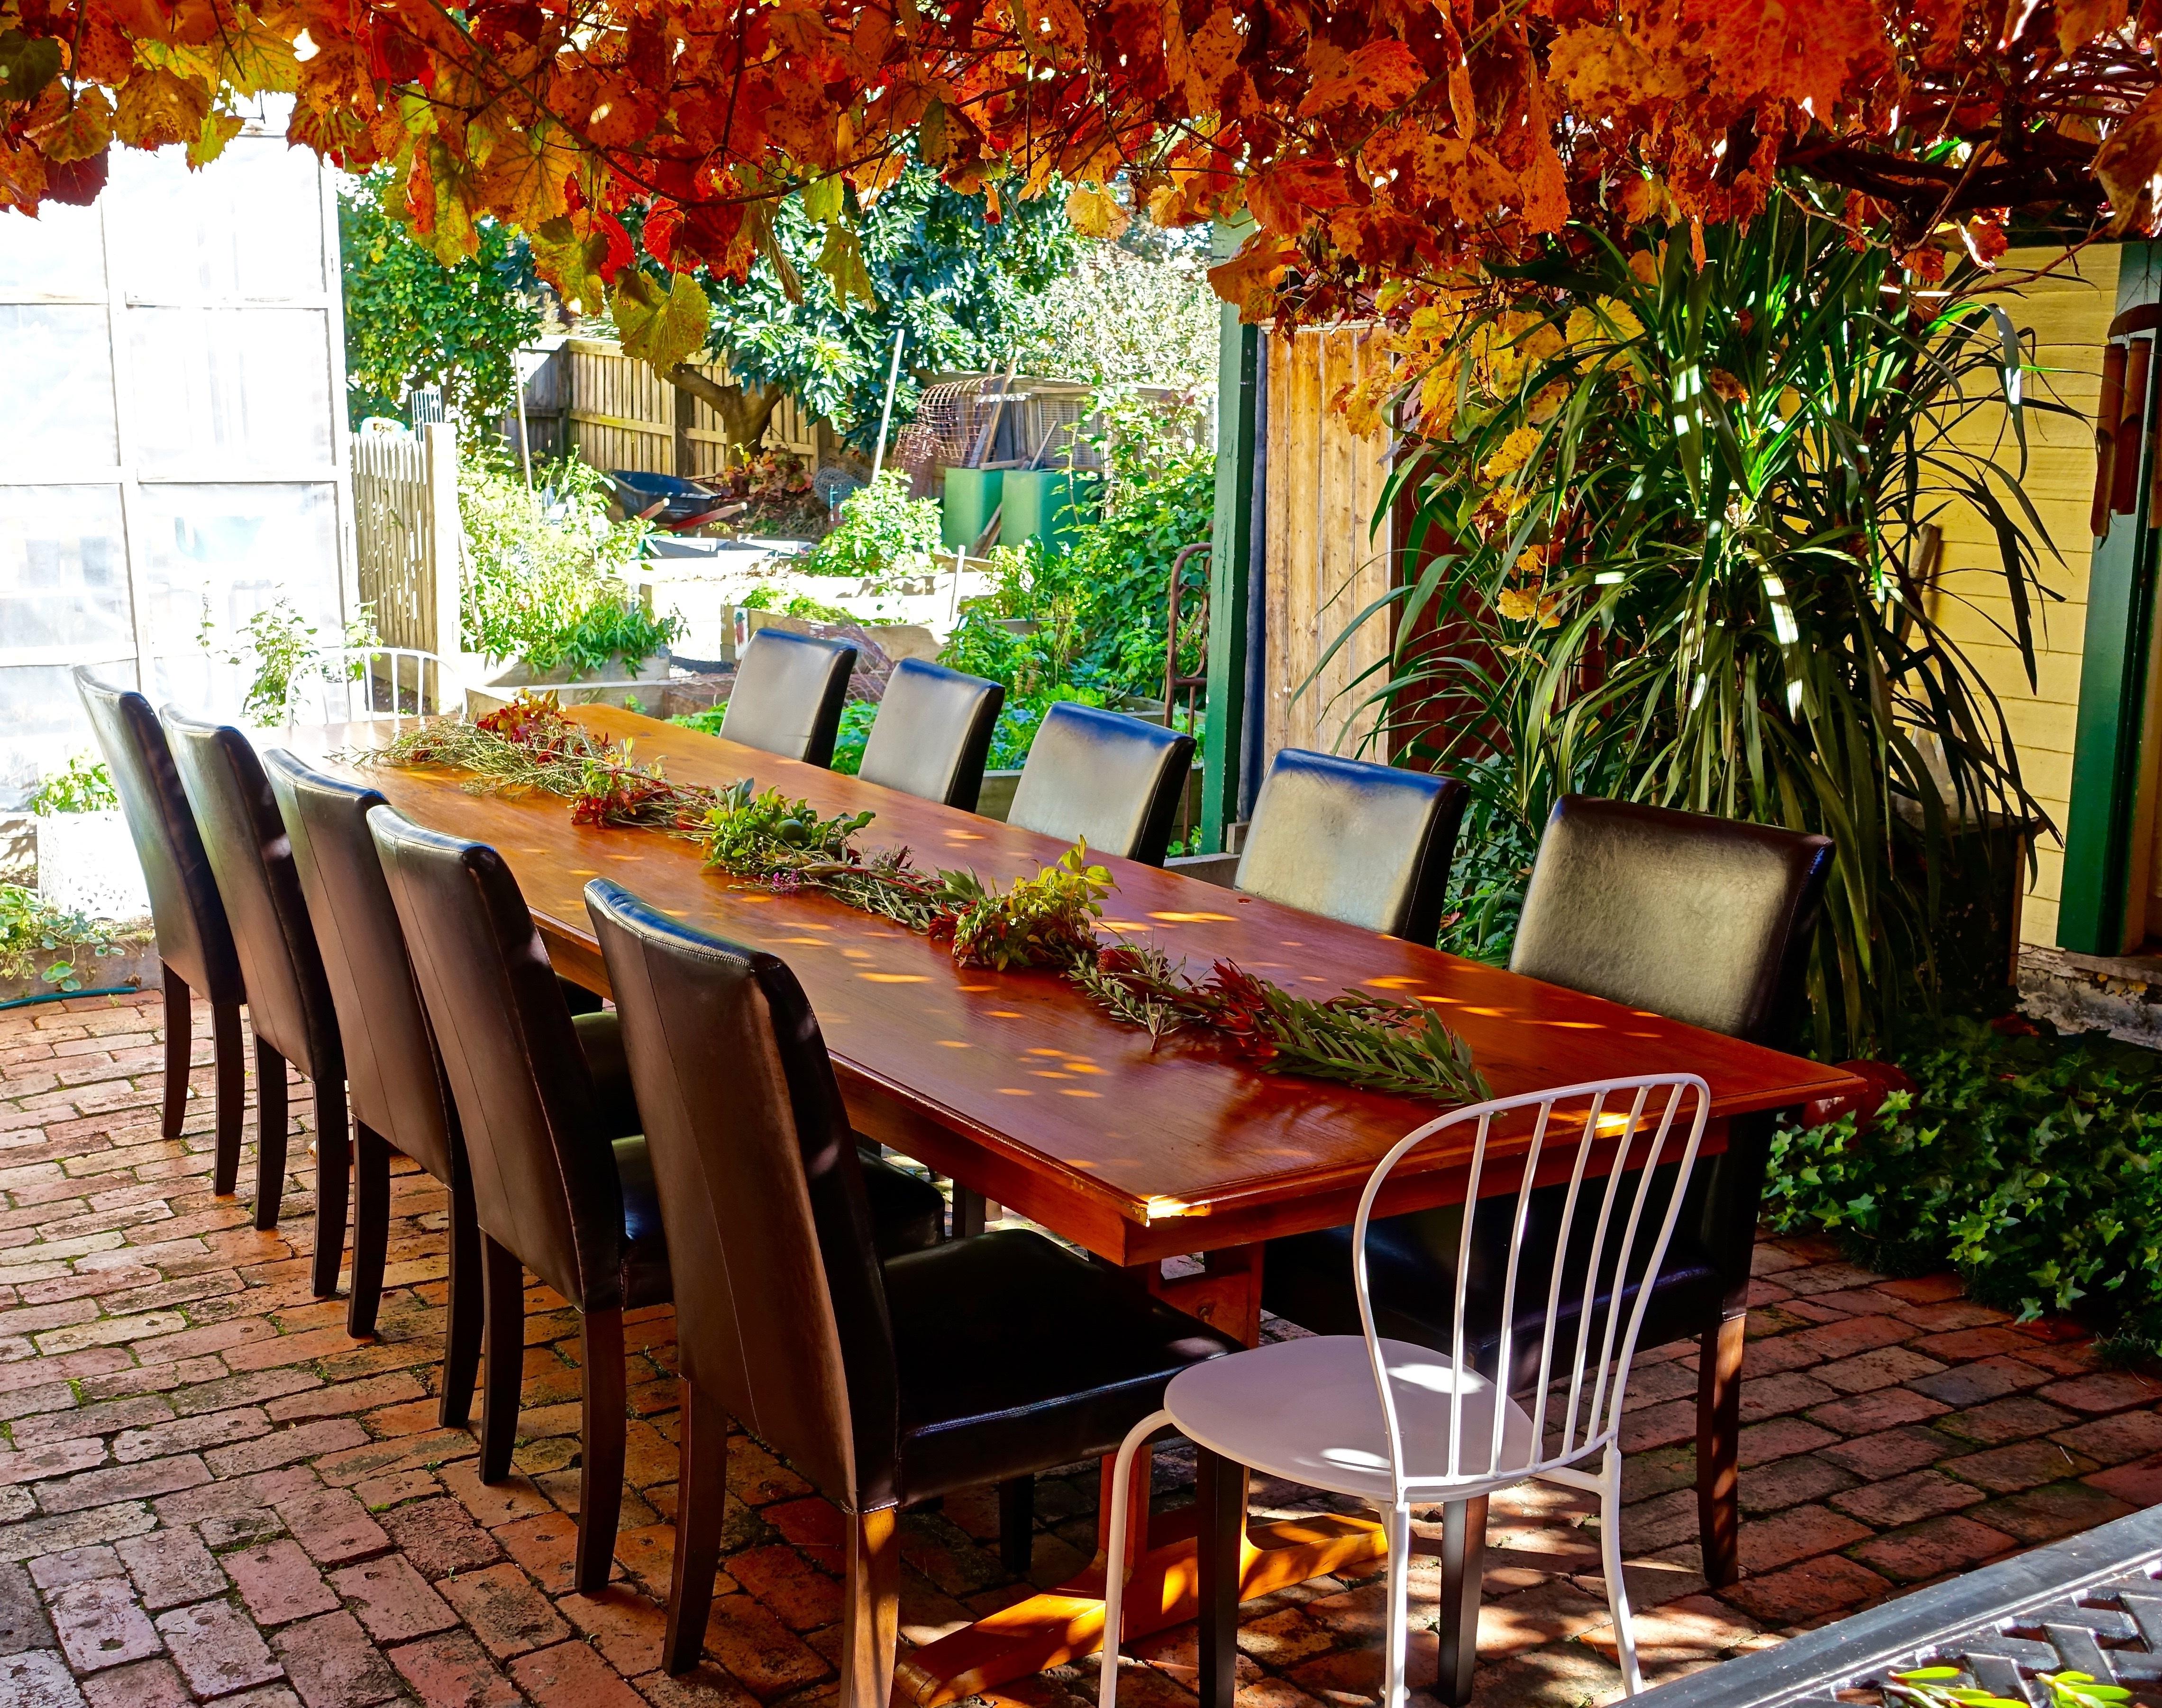 Kostenlose foto : Tabelle, Restaurant, Strauß, Dekoration, Mahlzeit ...